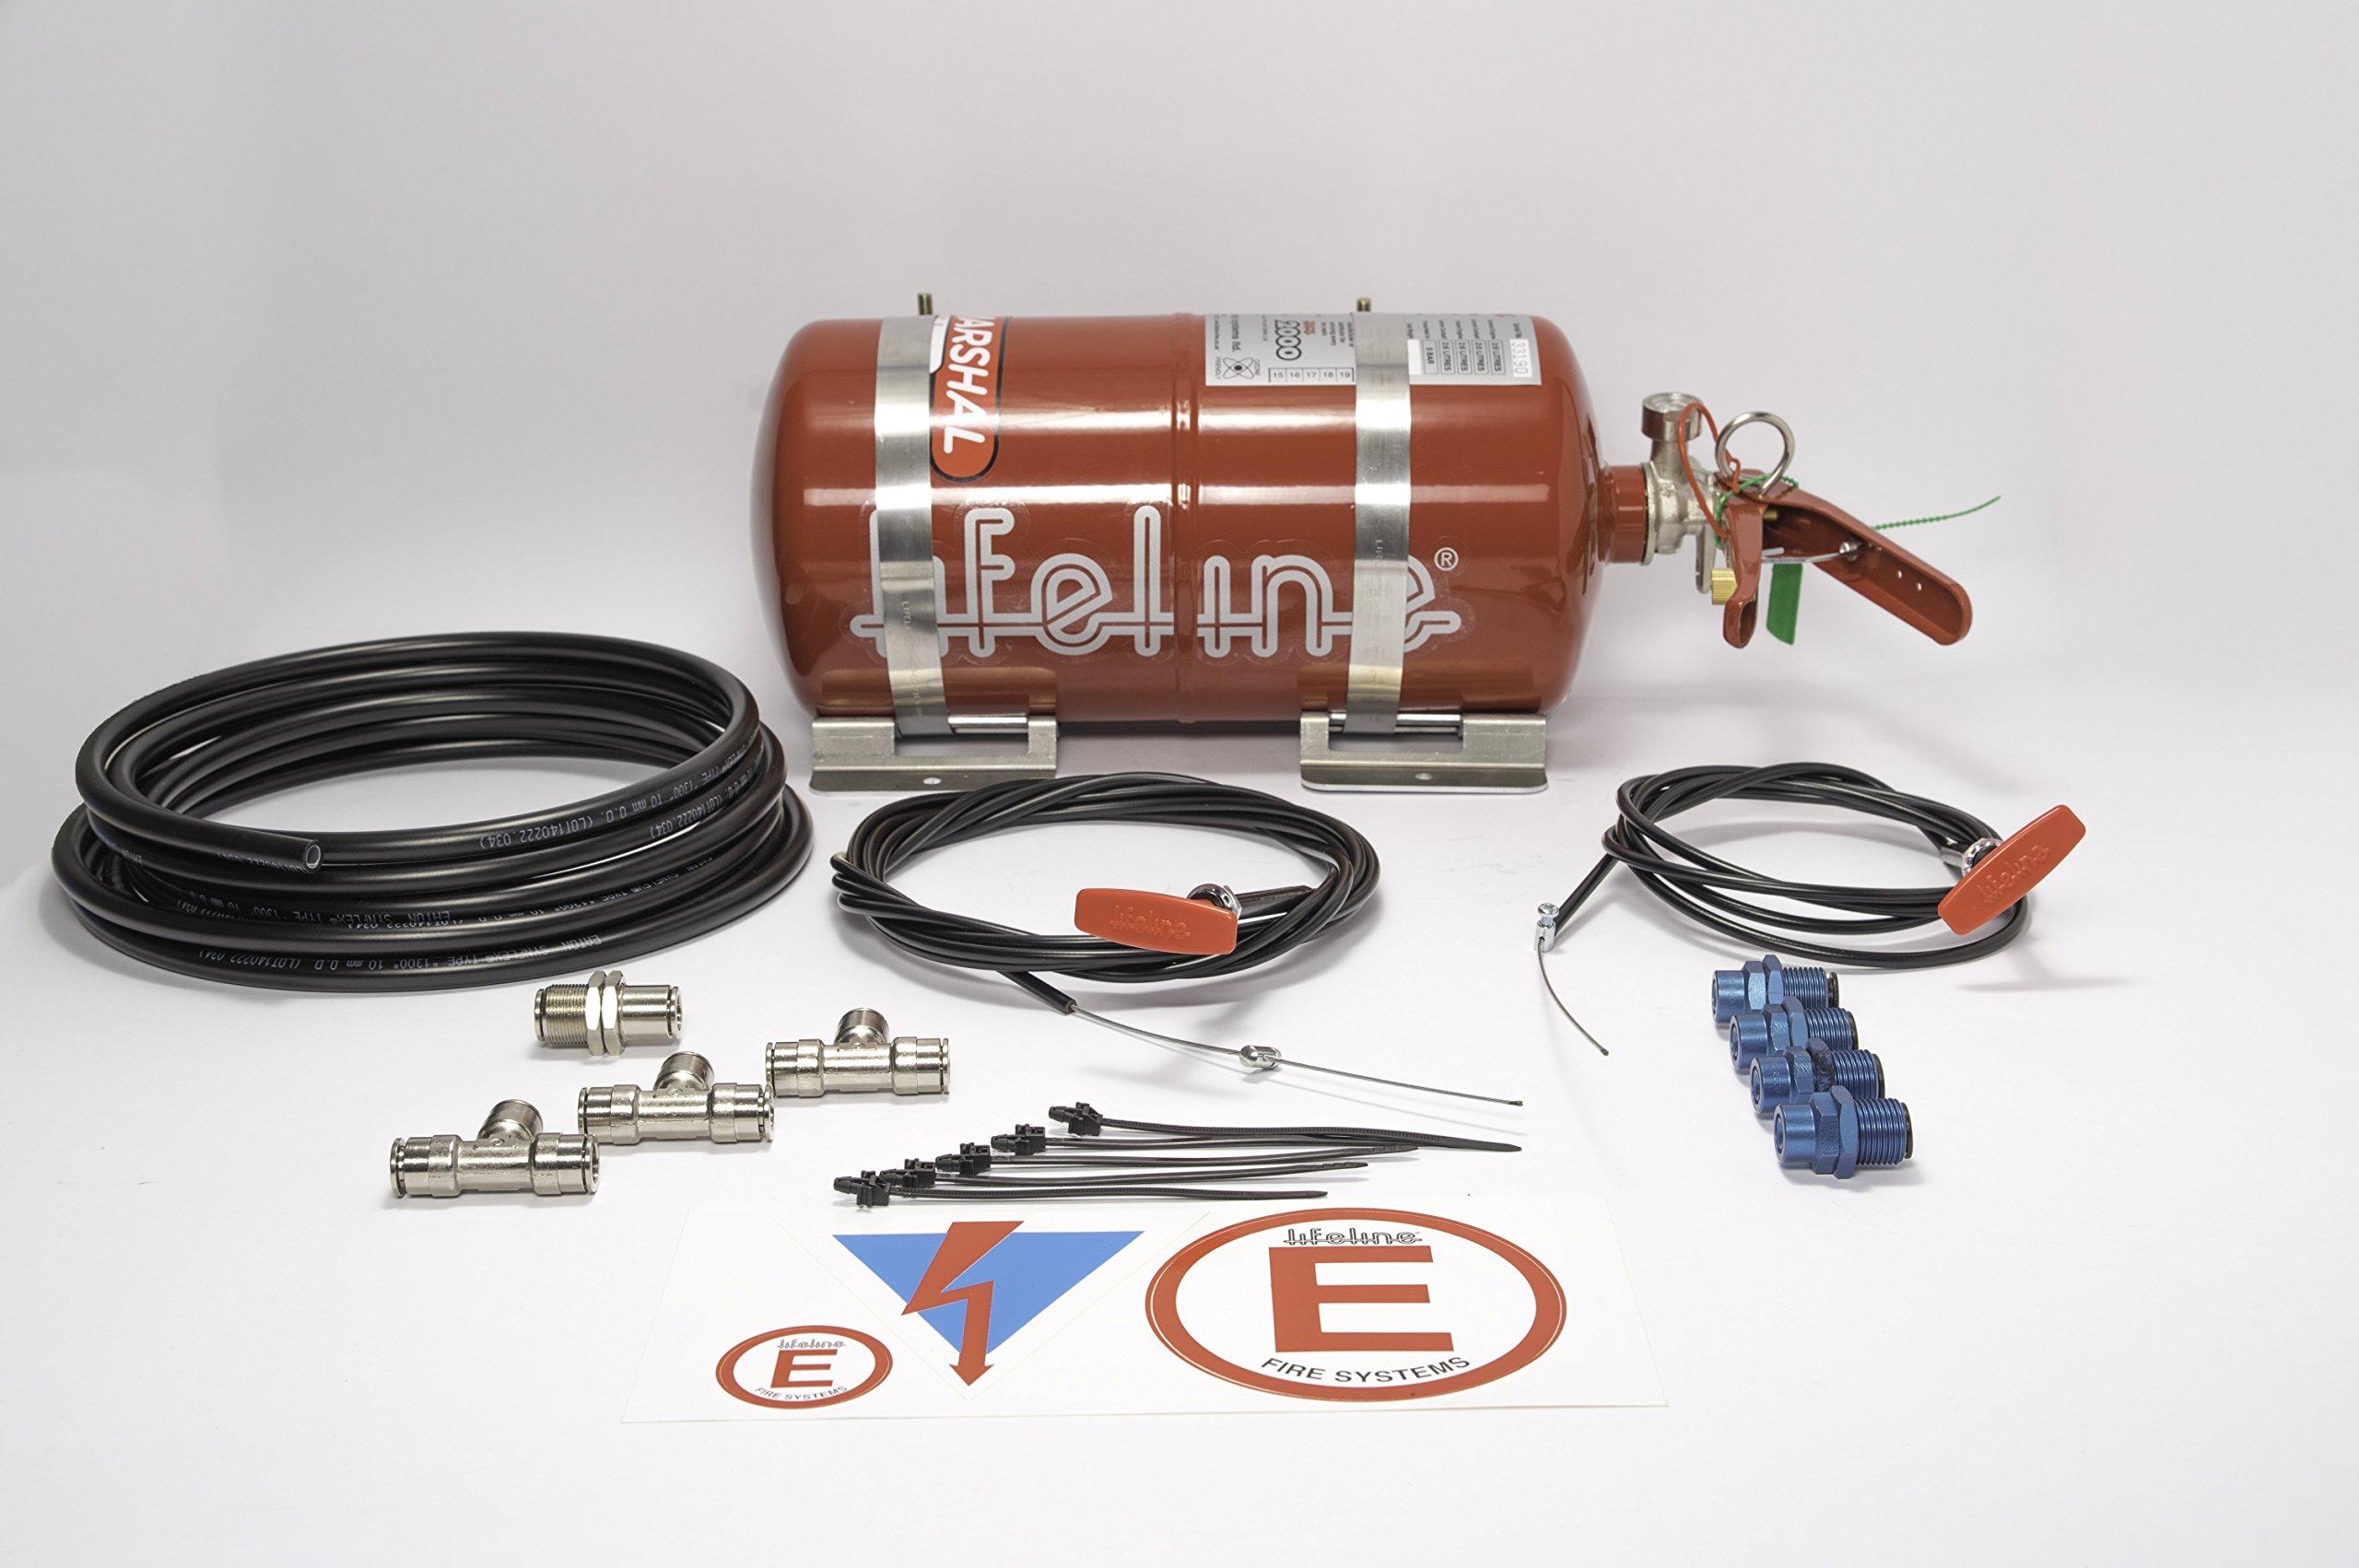 Lifeline USA 4.0L Foam Auto Racing Fire Bottle Extinguisher System Zero 2000 by Lifeline Zero 2000